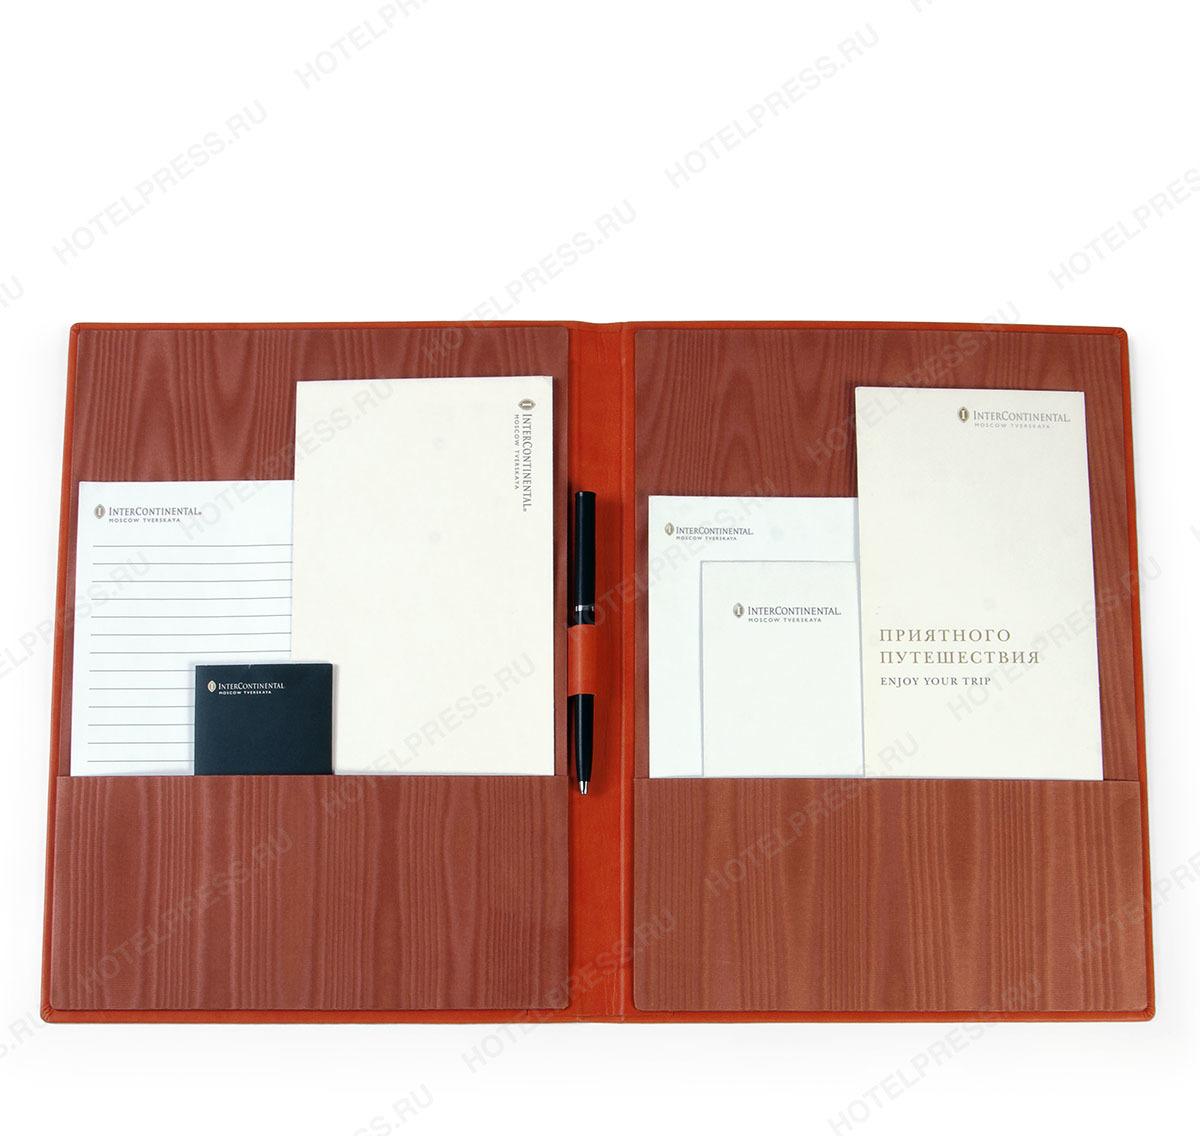 Папка для корреспонденции из комбинированных материалов. ПДК_2